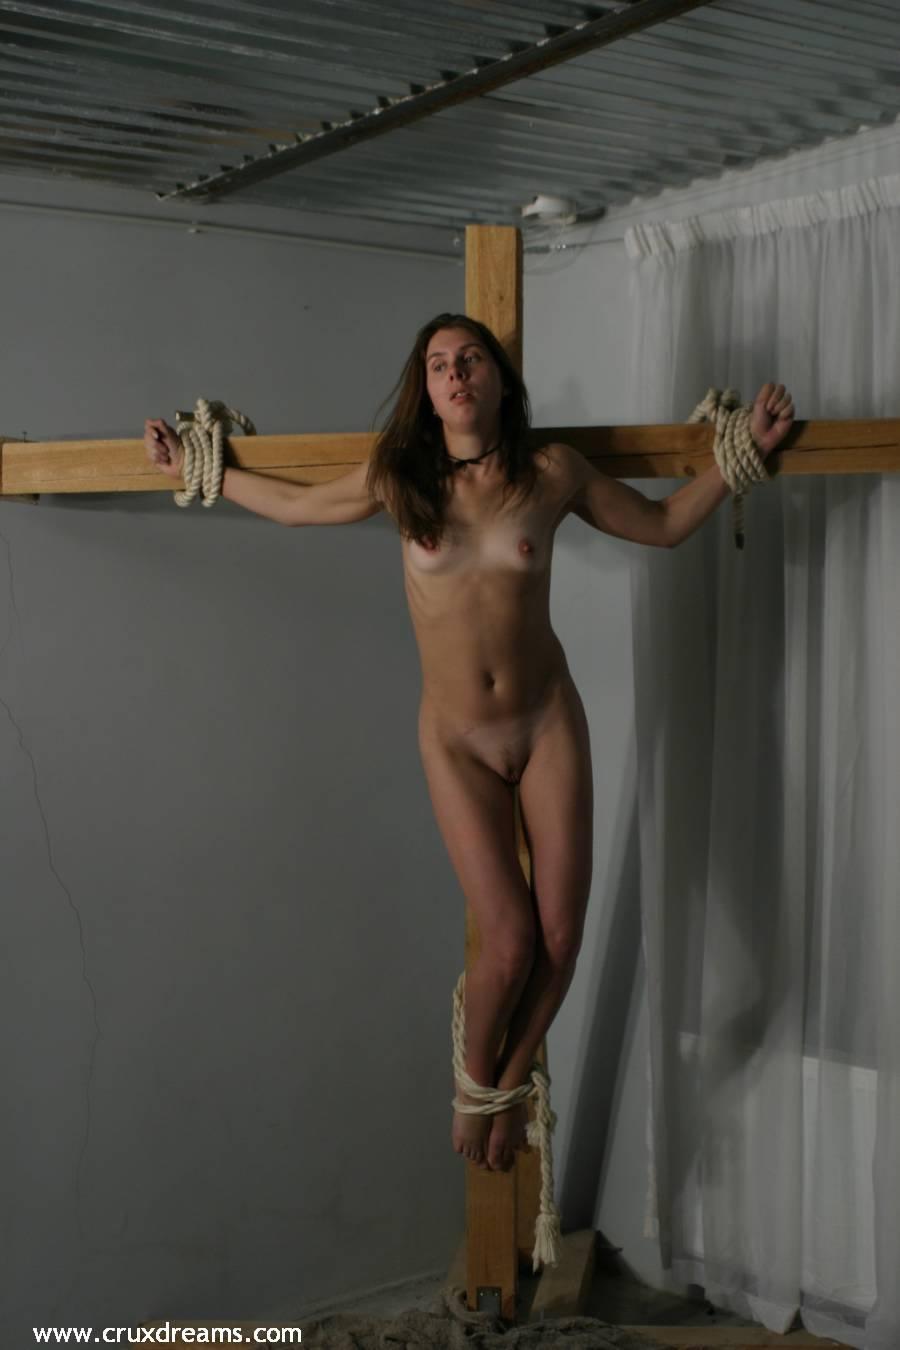 Both crucified women nude